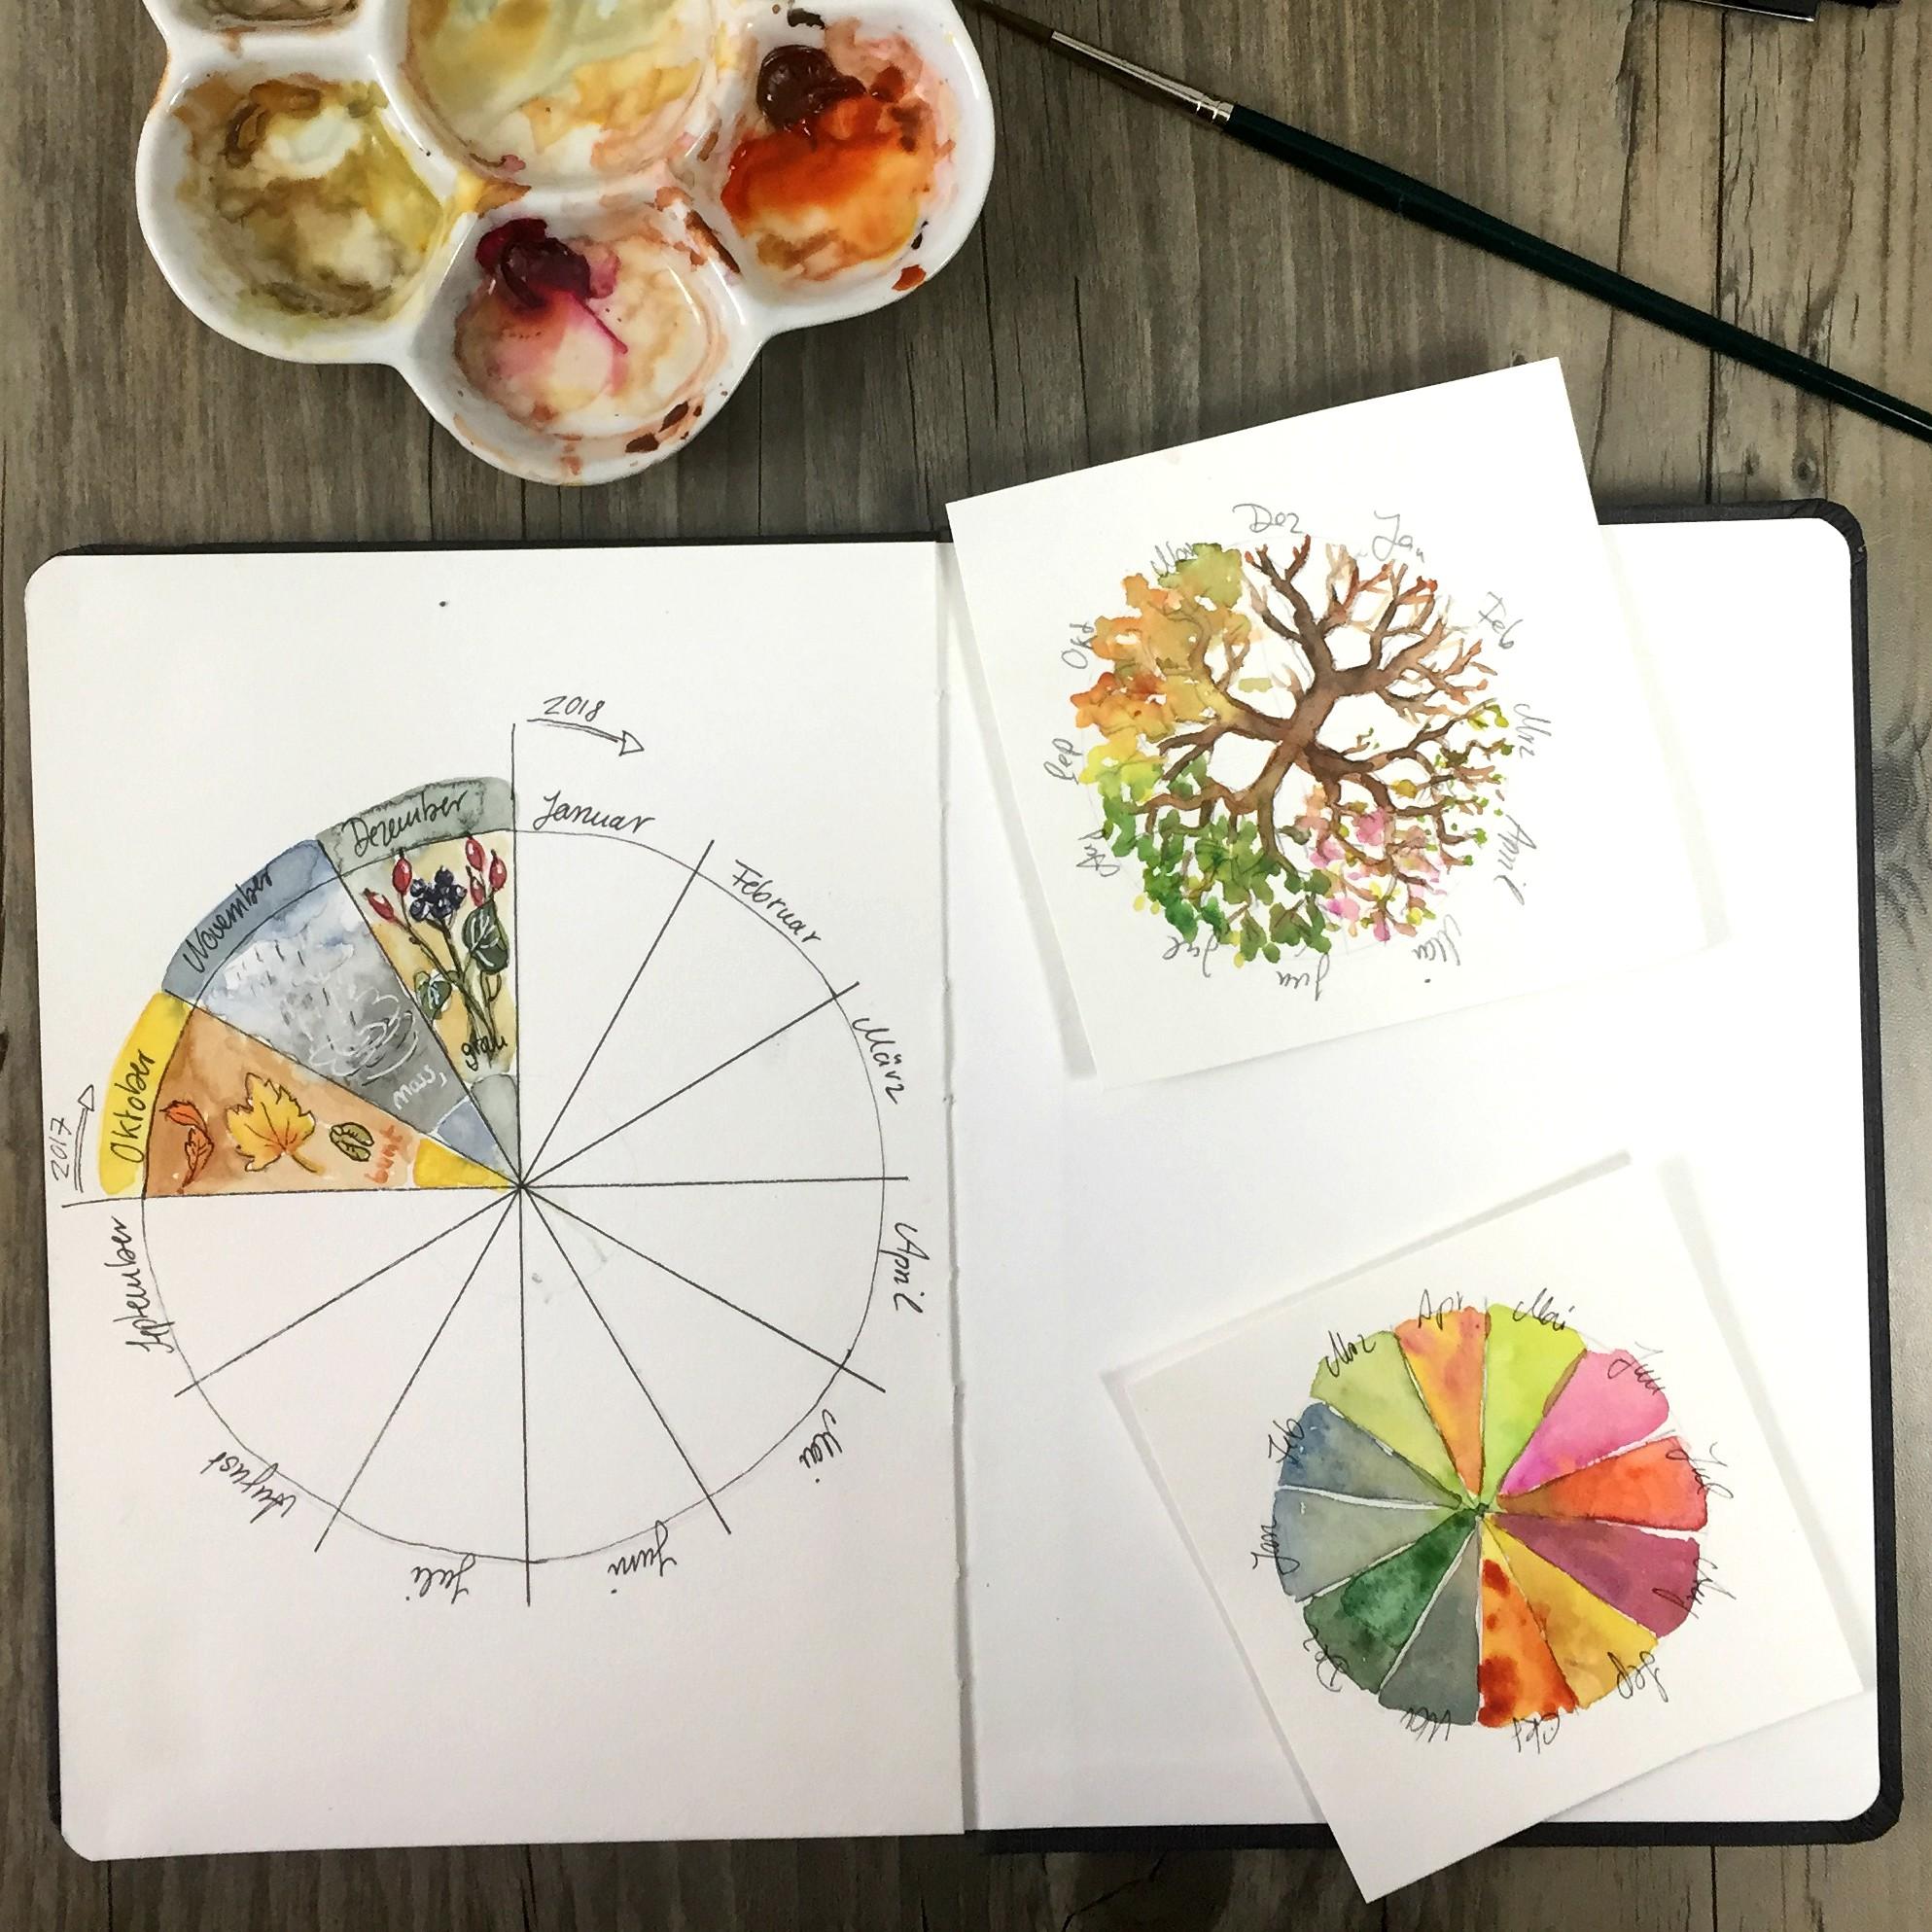 Starte ein Jahresprojekt im Naturskizzenbuch  – Phänologischer Kreis und weitere Ideen